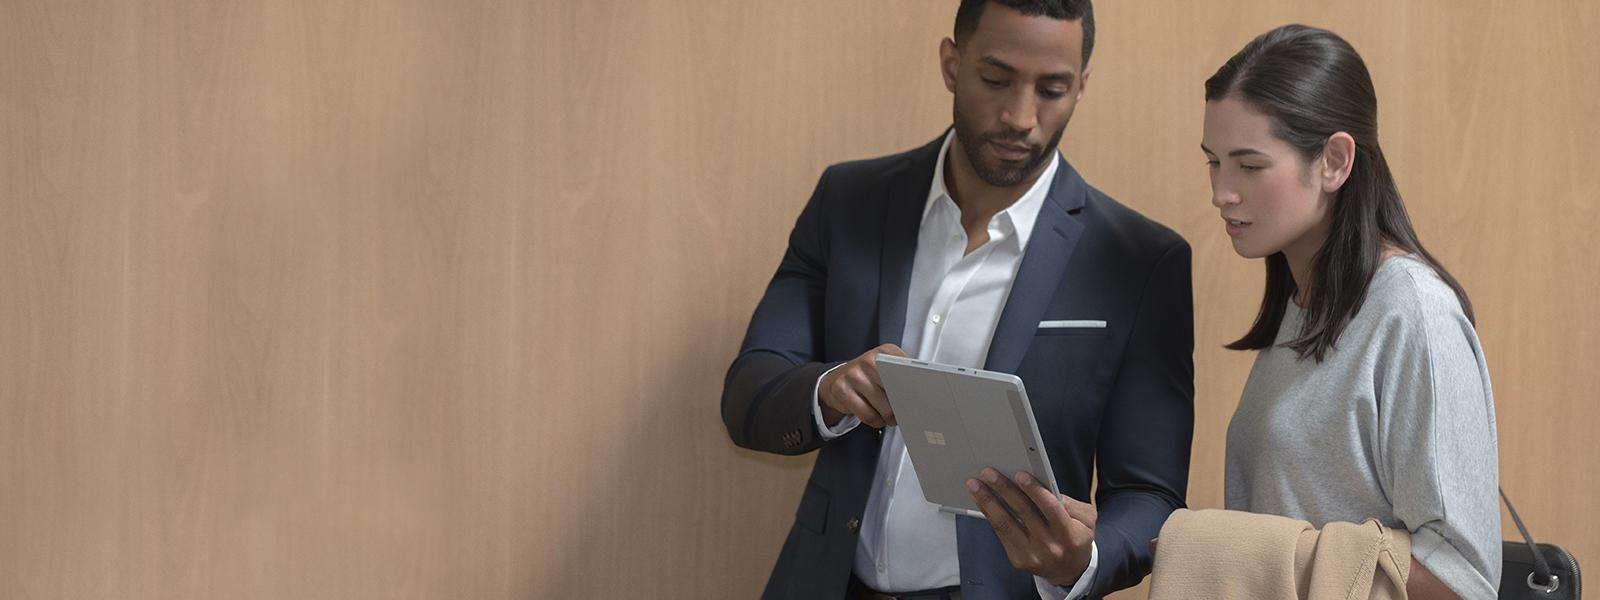 Um homem e uma mulher de negócios a olharem para um Surface Go no corredor